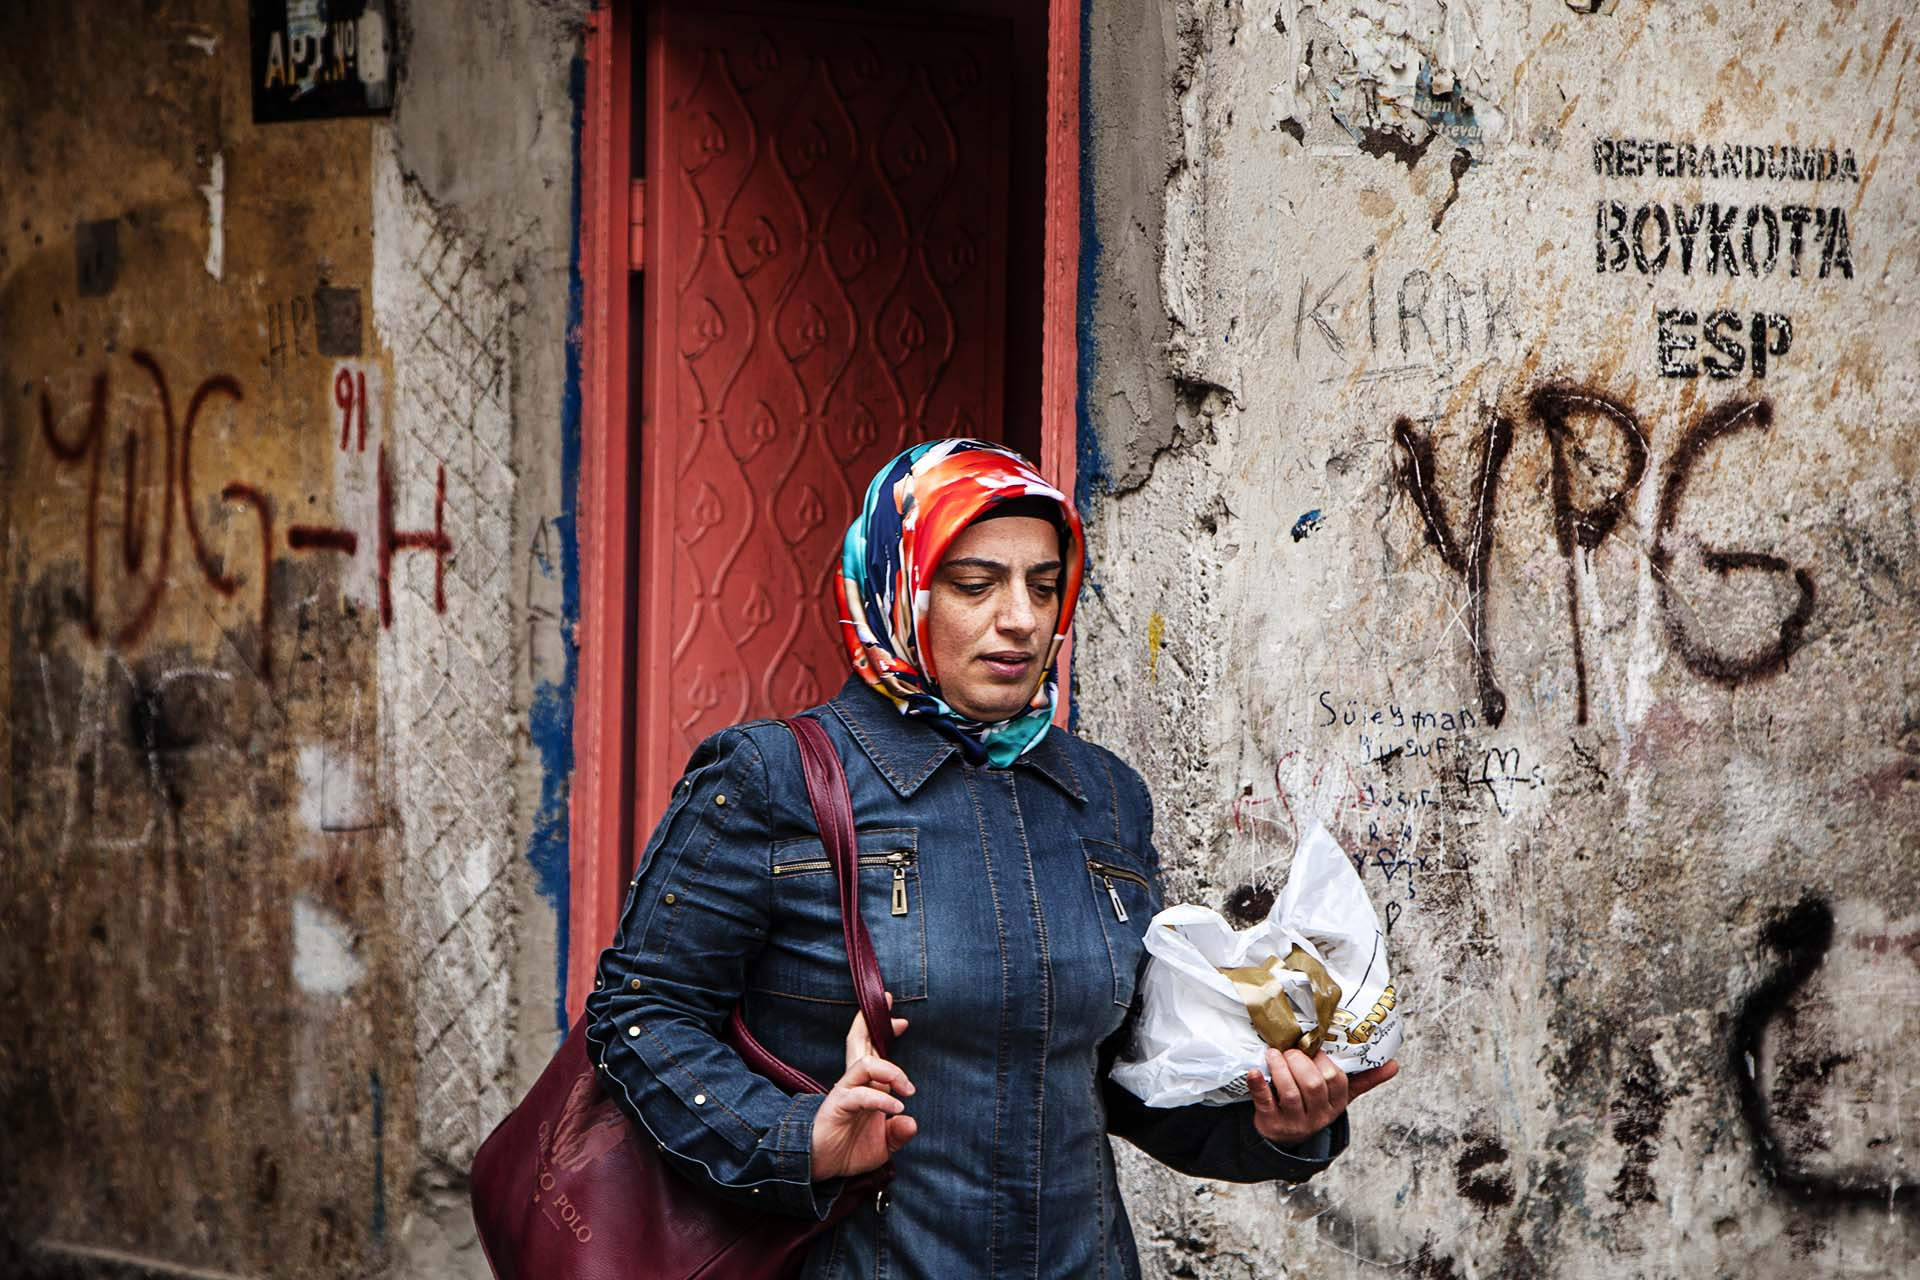 Una mujer pasa ante pintadas a favor de las Unidades de Protección Popular (aparato militar del PKK) y el boicot al referéndum.